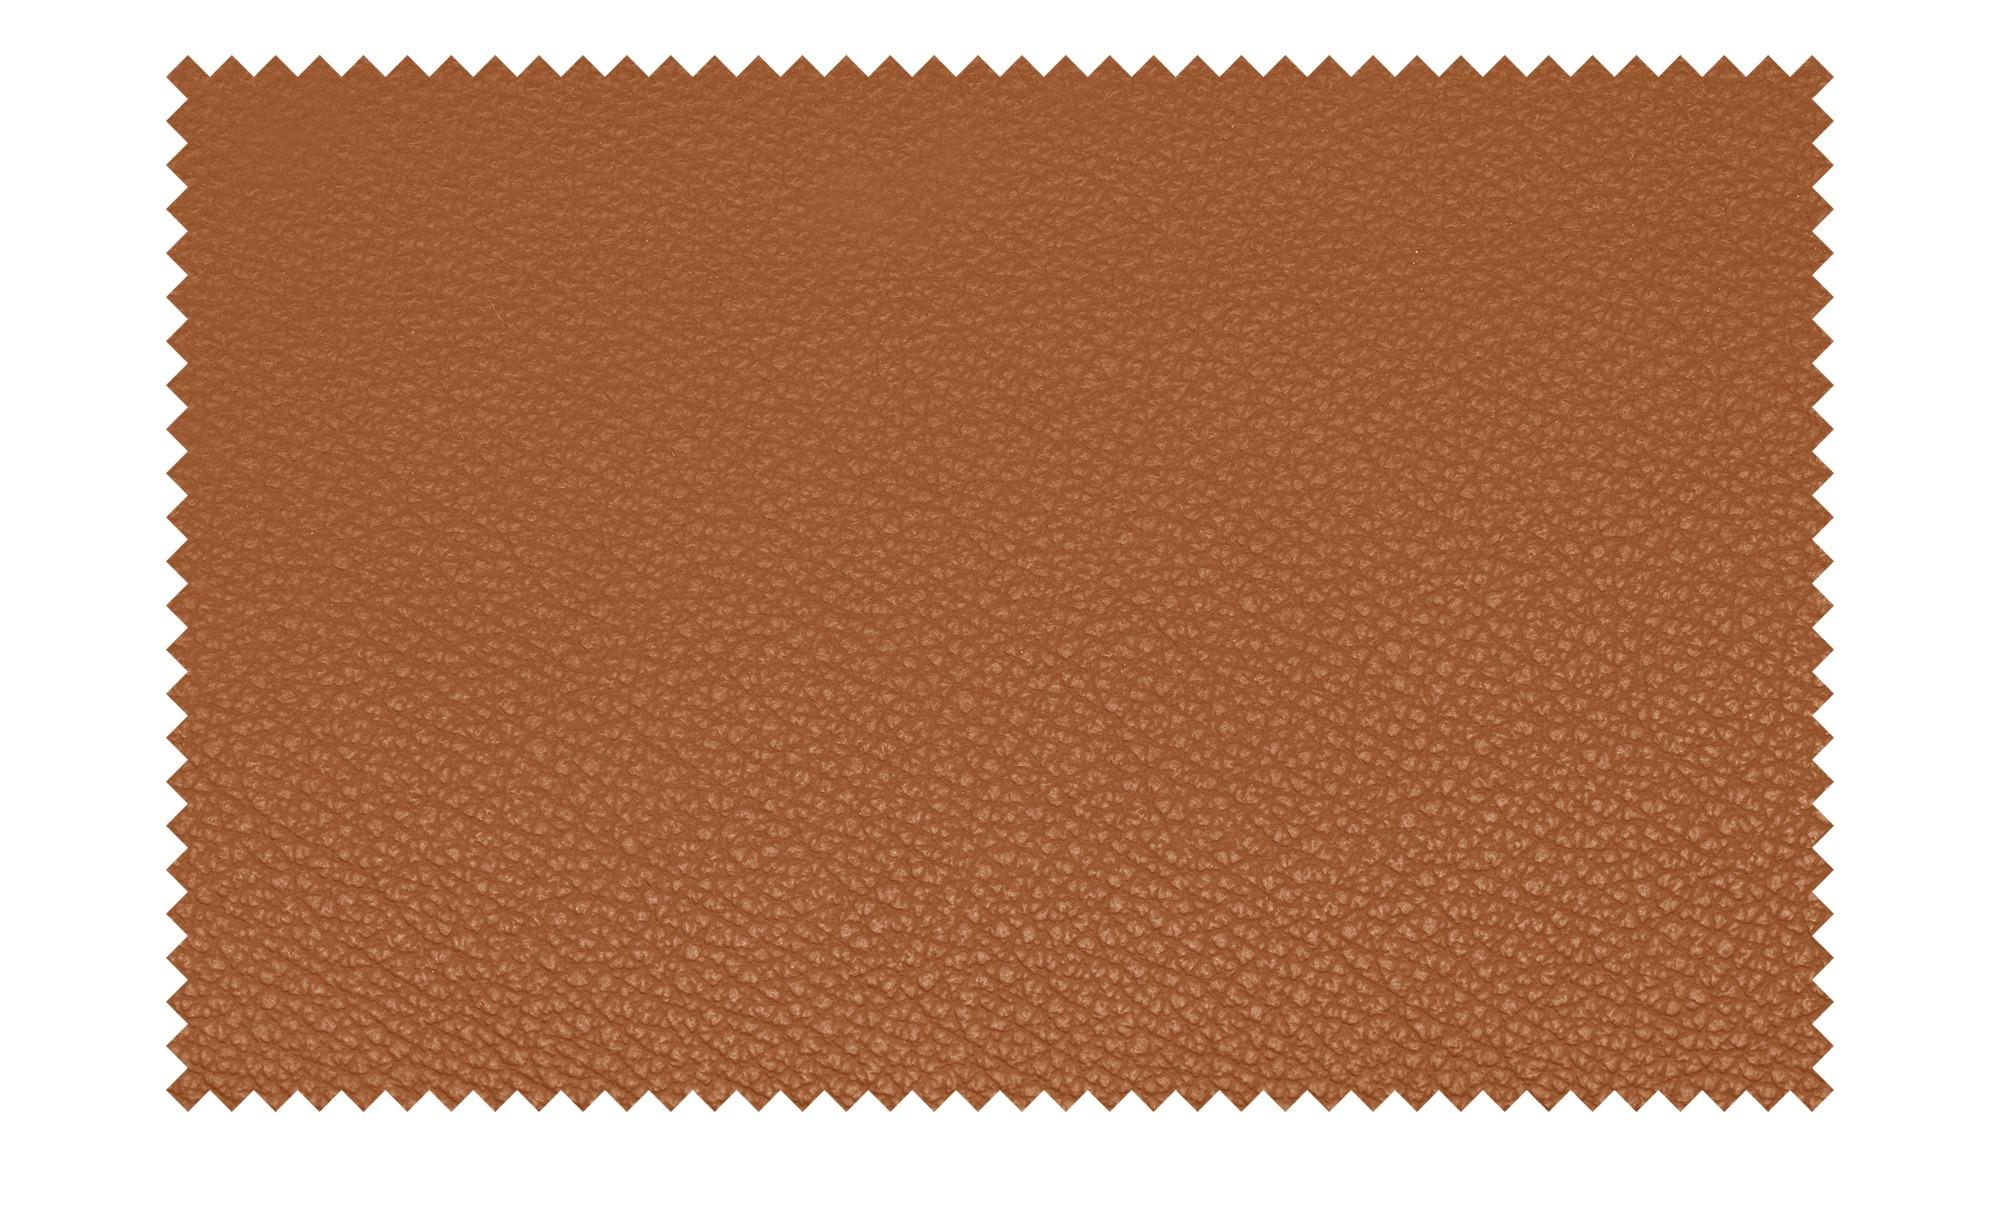 meinSofa Ledersofa orange-braun - Leder Manon ¦ orange ¦ Maße (cm): B: 170 H: 94 T: 92 Polstermöbel > Sofas > 2-Sitzer - Höffner